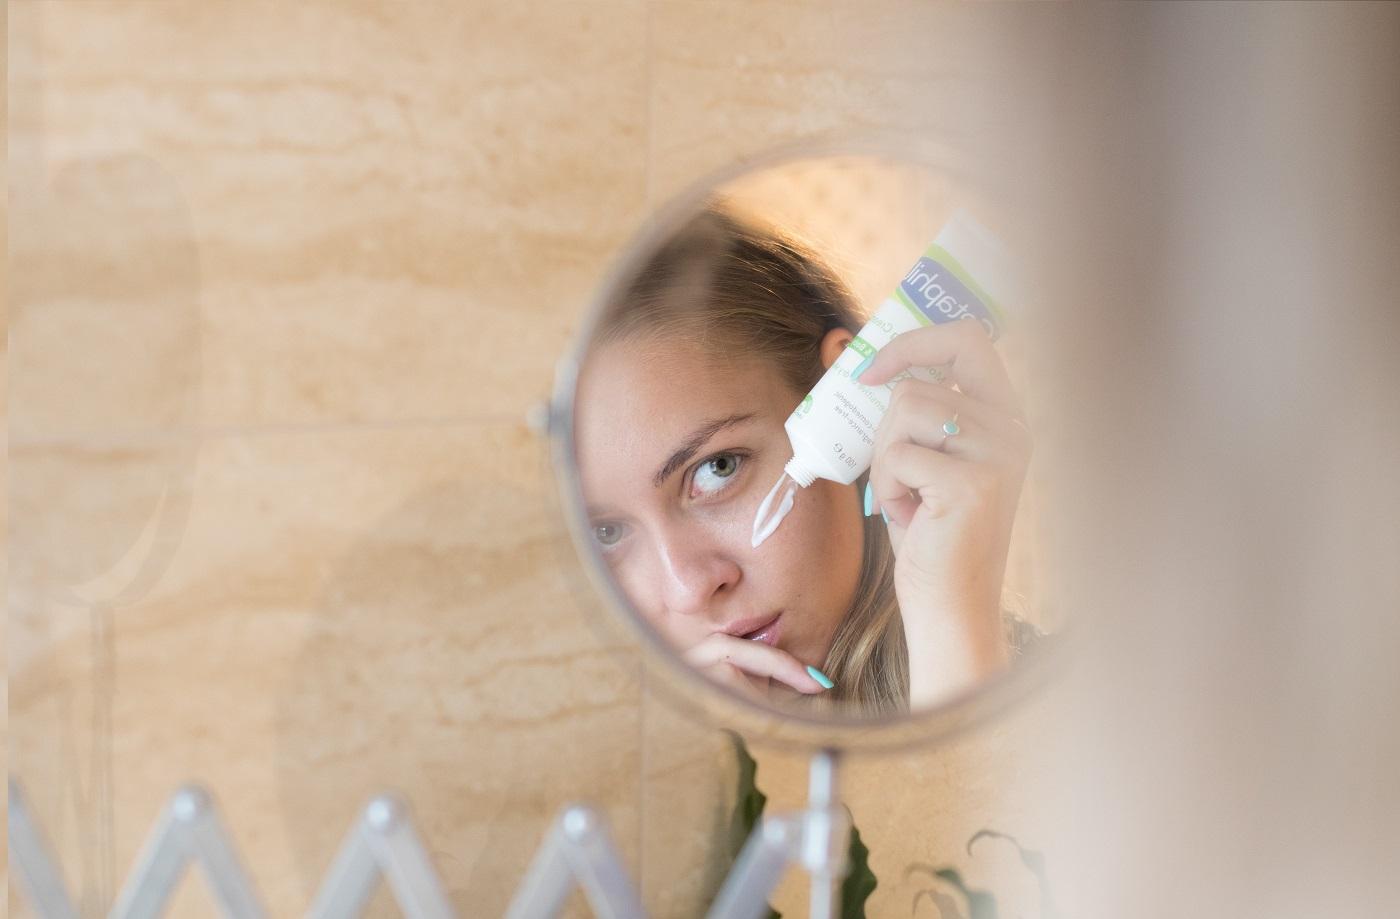 szolrium kezeli a pikkelysmr gyulladt pikkelysömör kezelése